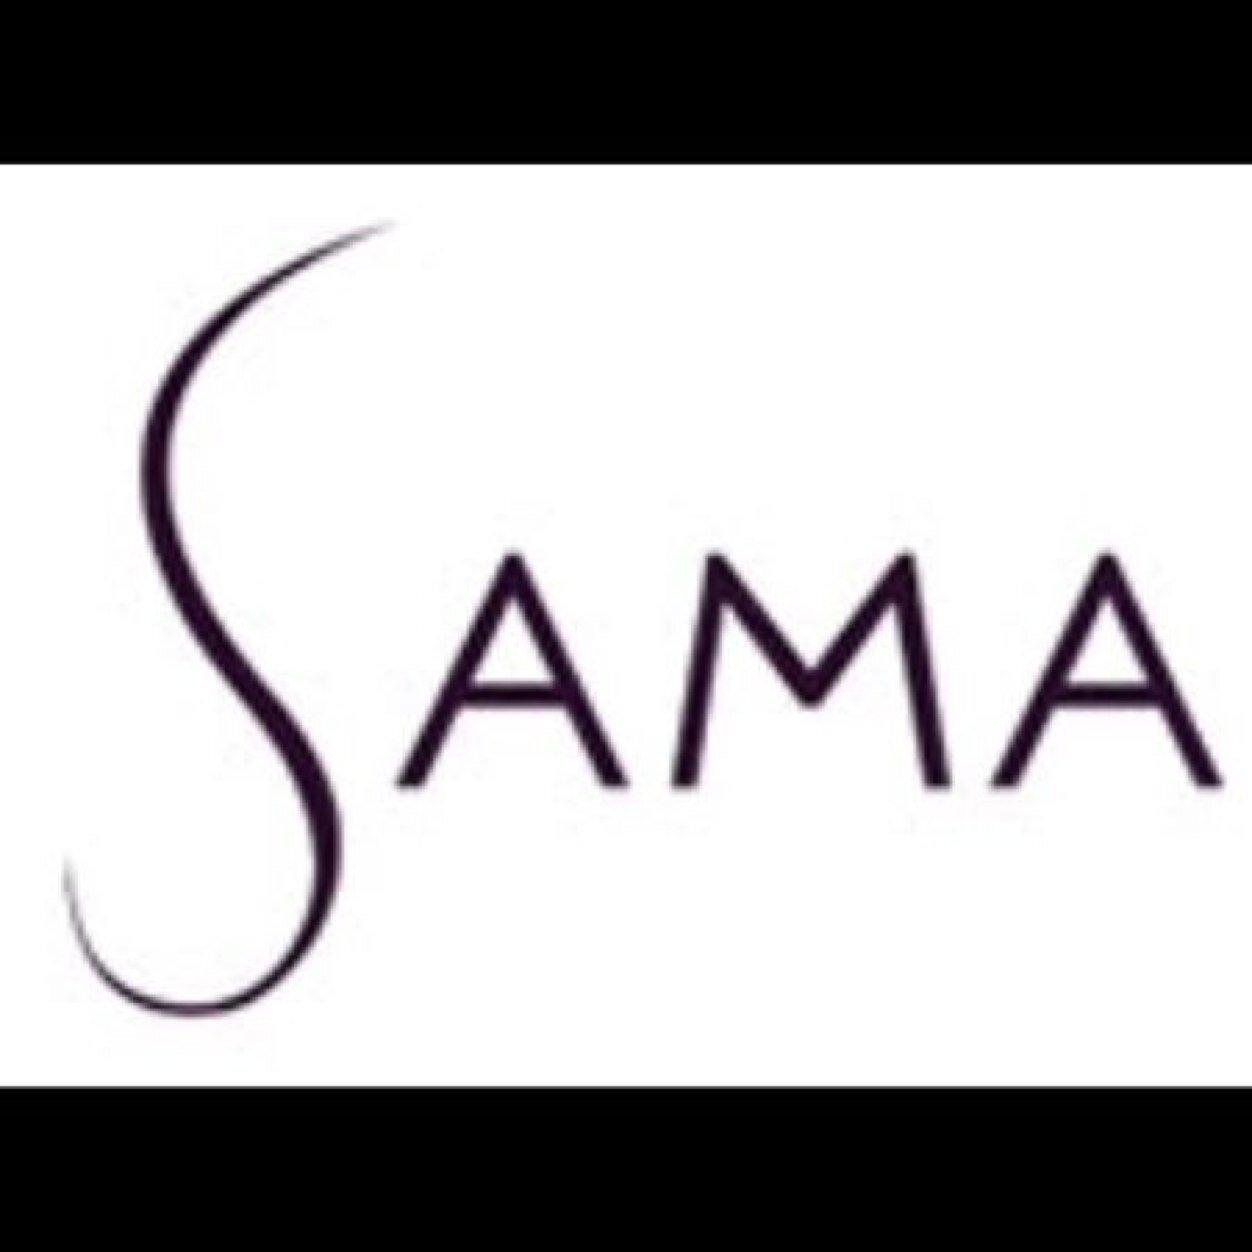 صورة معنى اسم سما , معنى اسم سما من القاموس